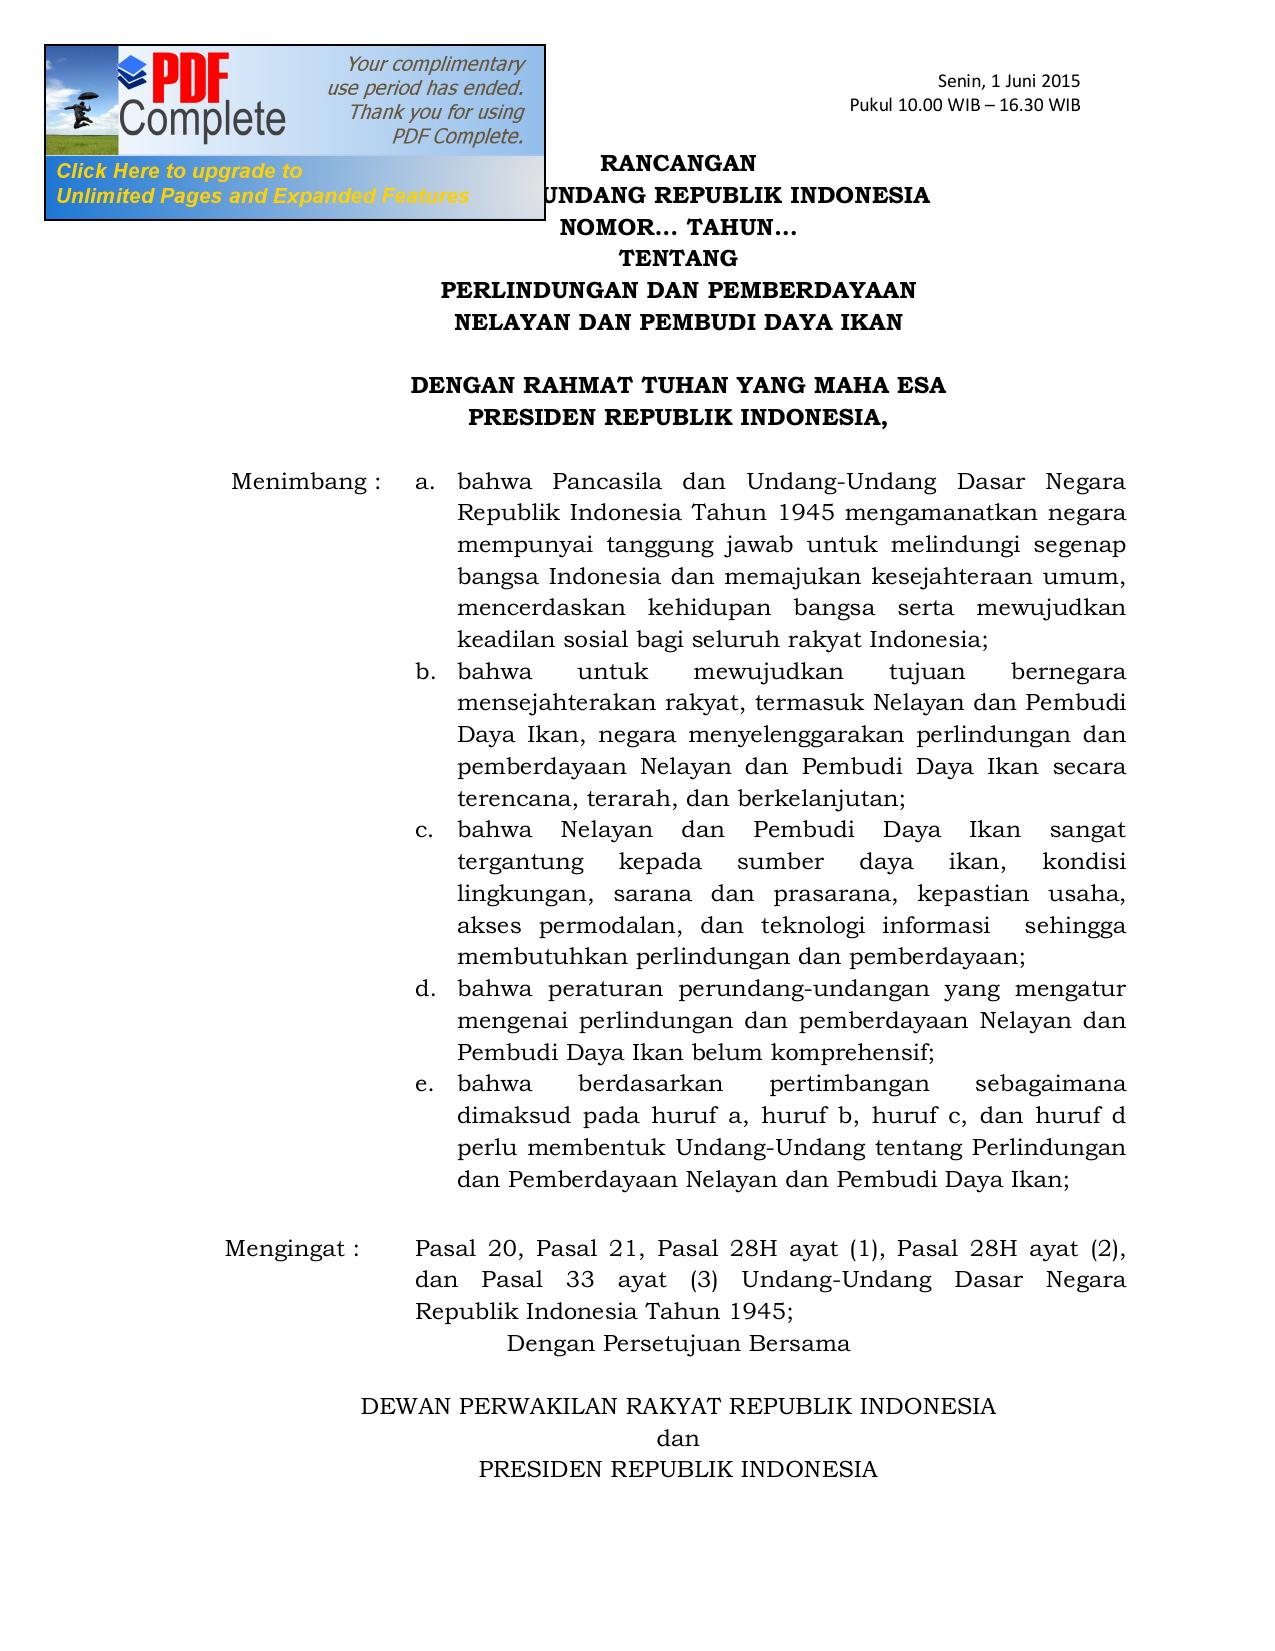 rancangan undang-undang republik indonesia